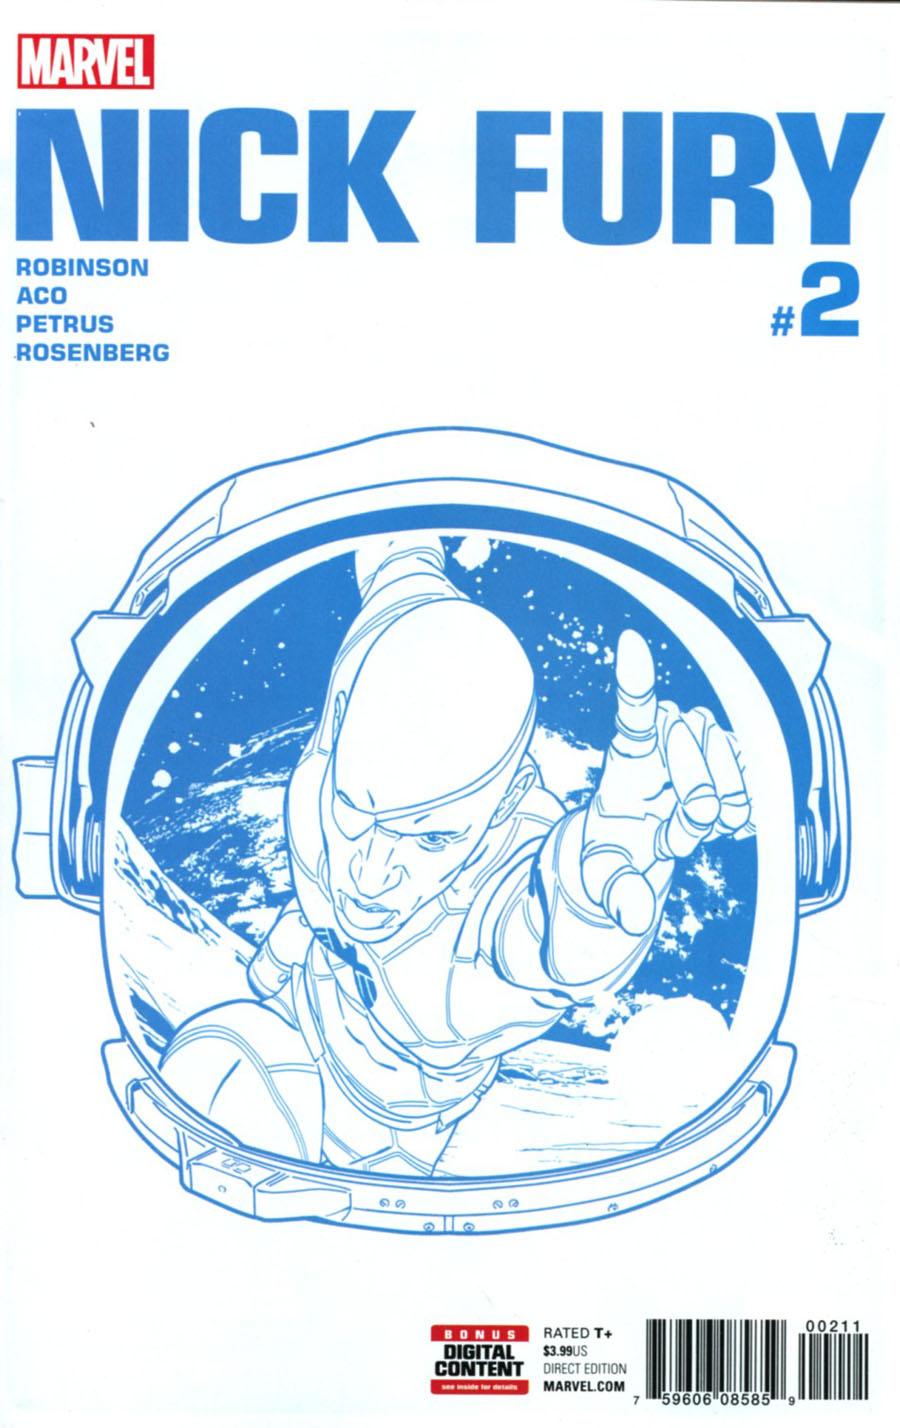 Nick Fury #2 Cover A Regular Aco Cover